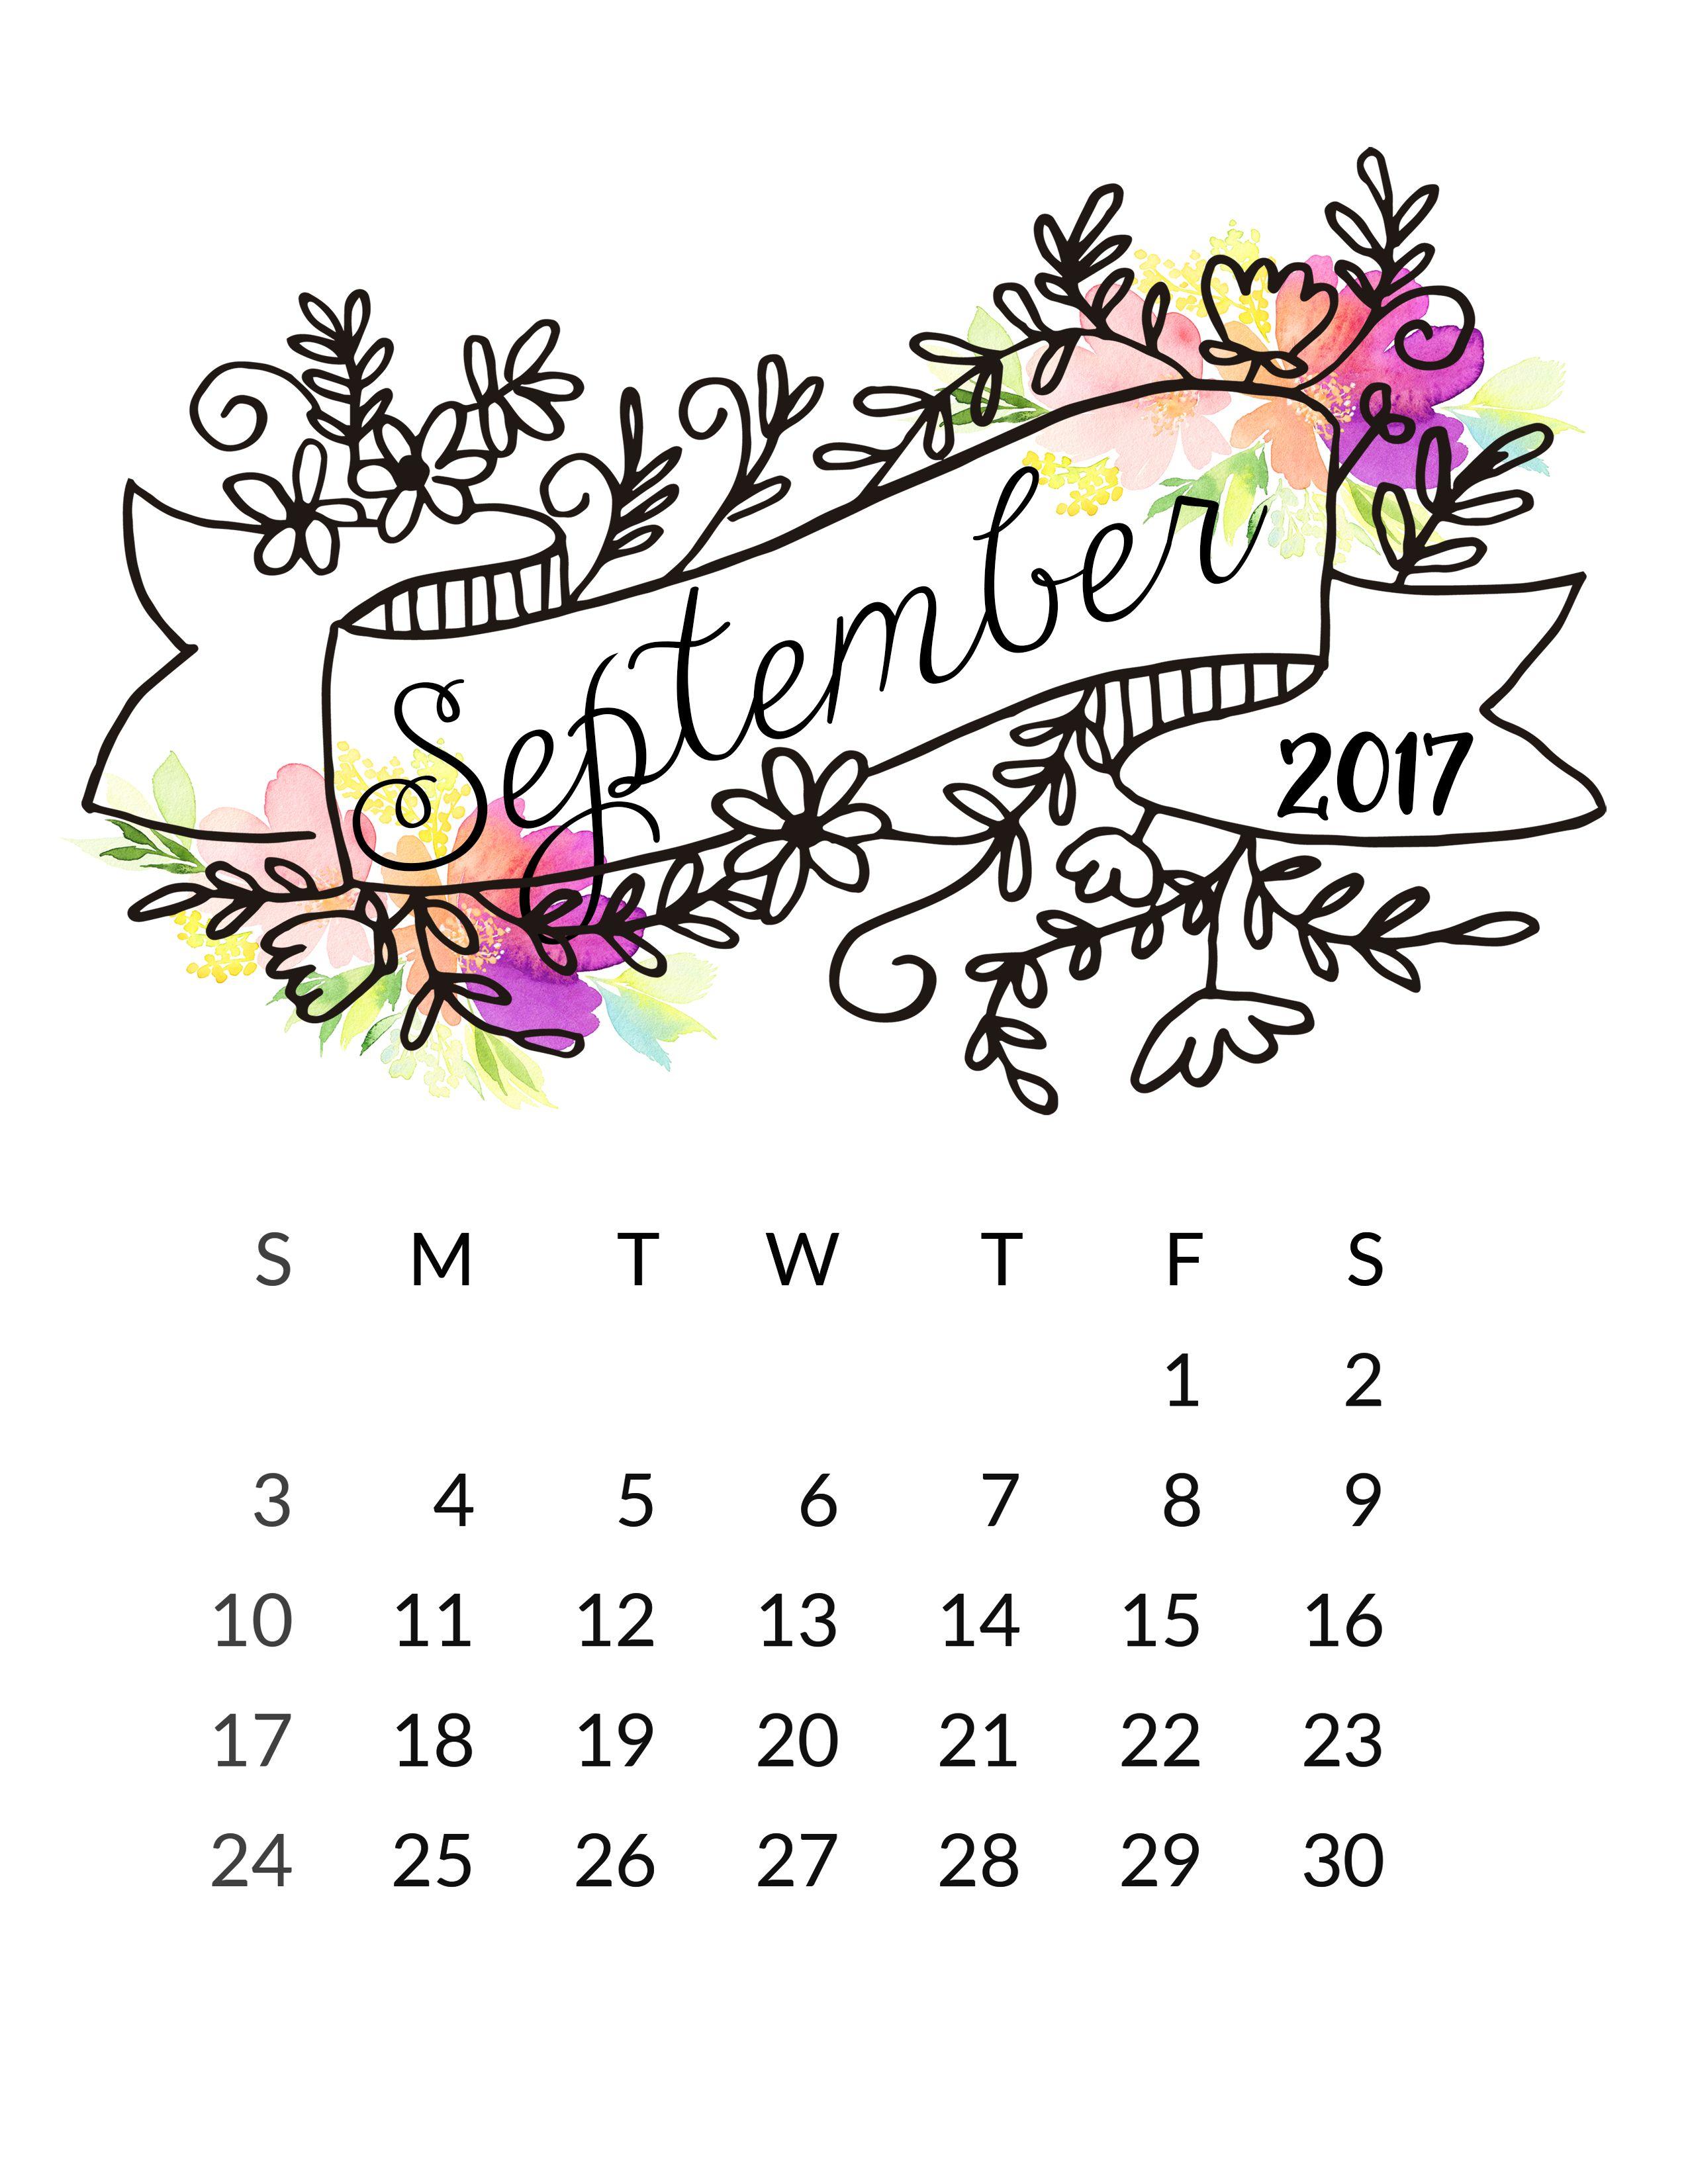 Calendario Dibujo Septiembre.Septiembre Dibujos O Ideas Calendario Septiembre